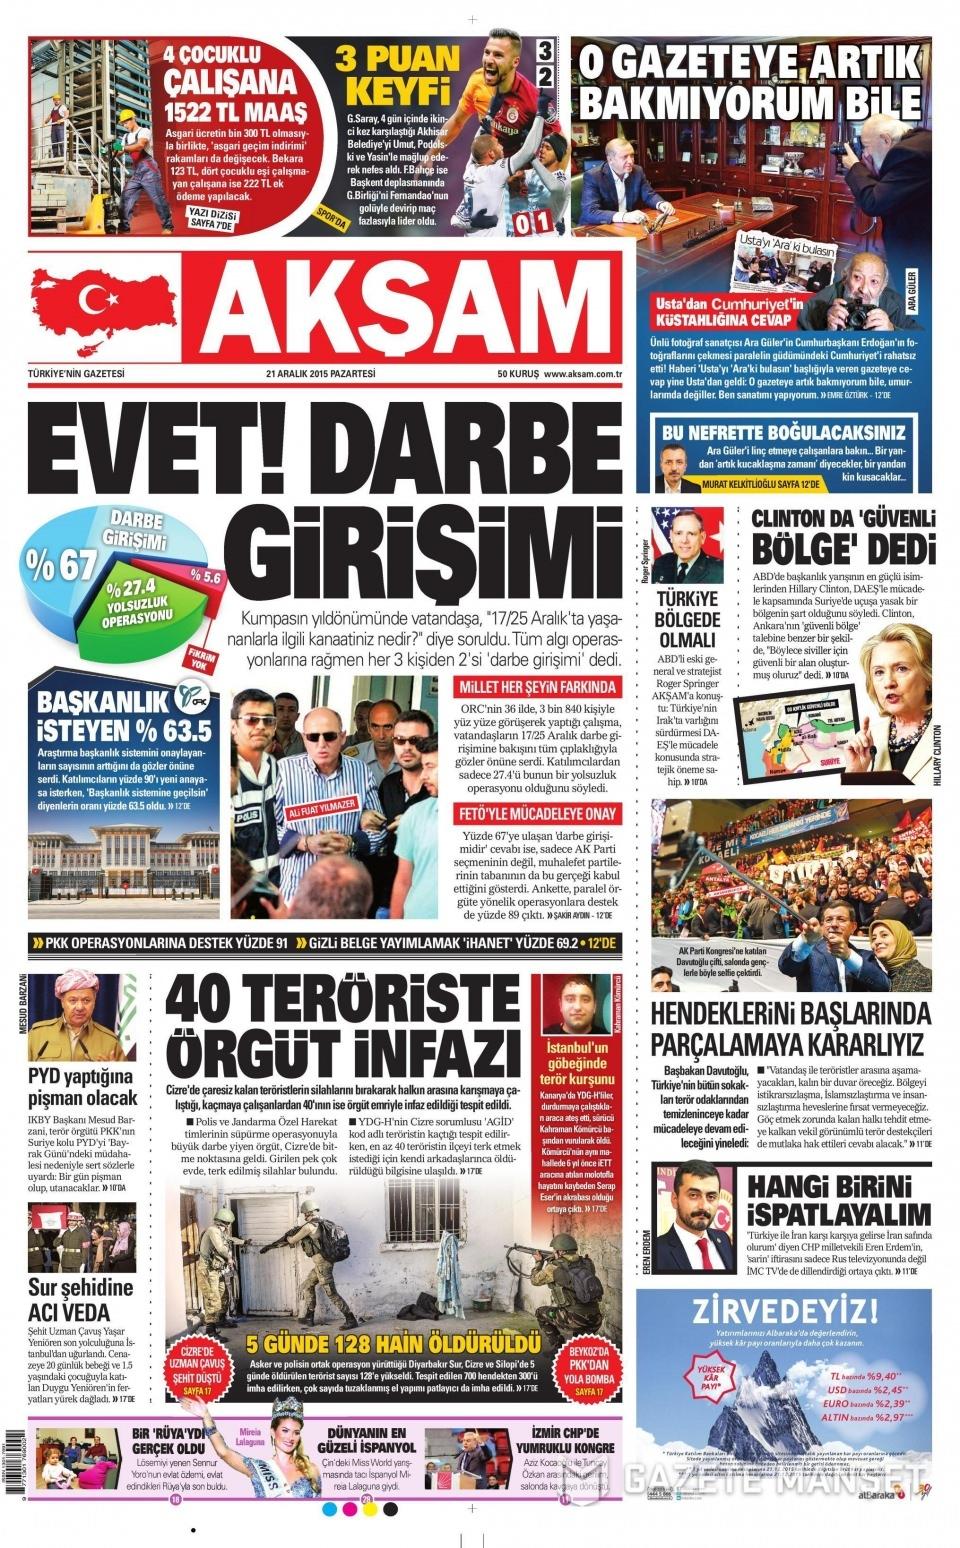 21 Aralık 2015 gazete manşetleri 1